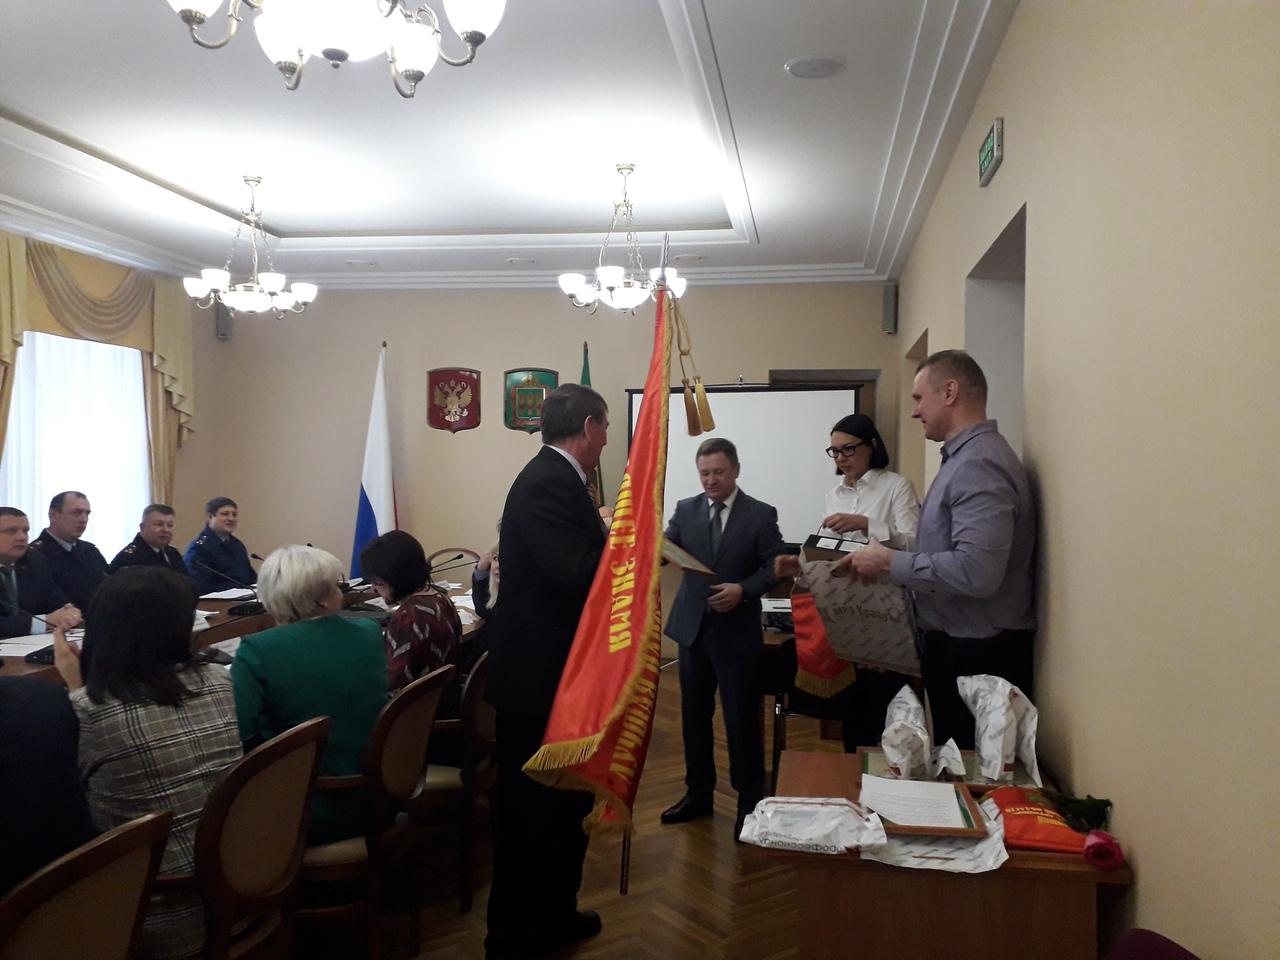 Народной дружине города Кузнецка - победителю областного конкурса вручено переходящее знамя